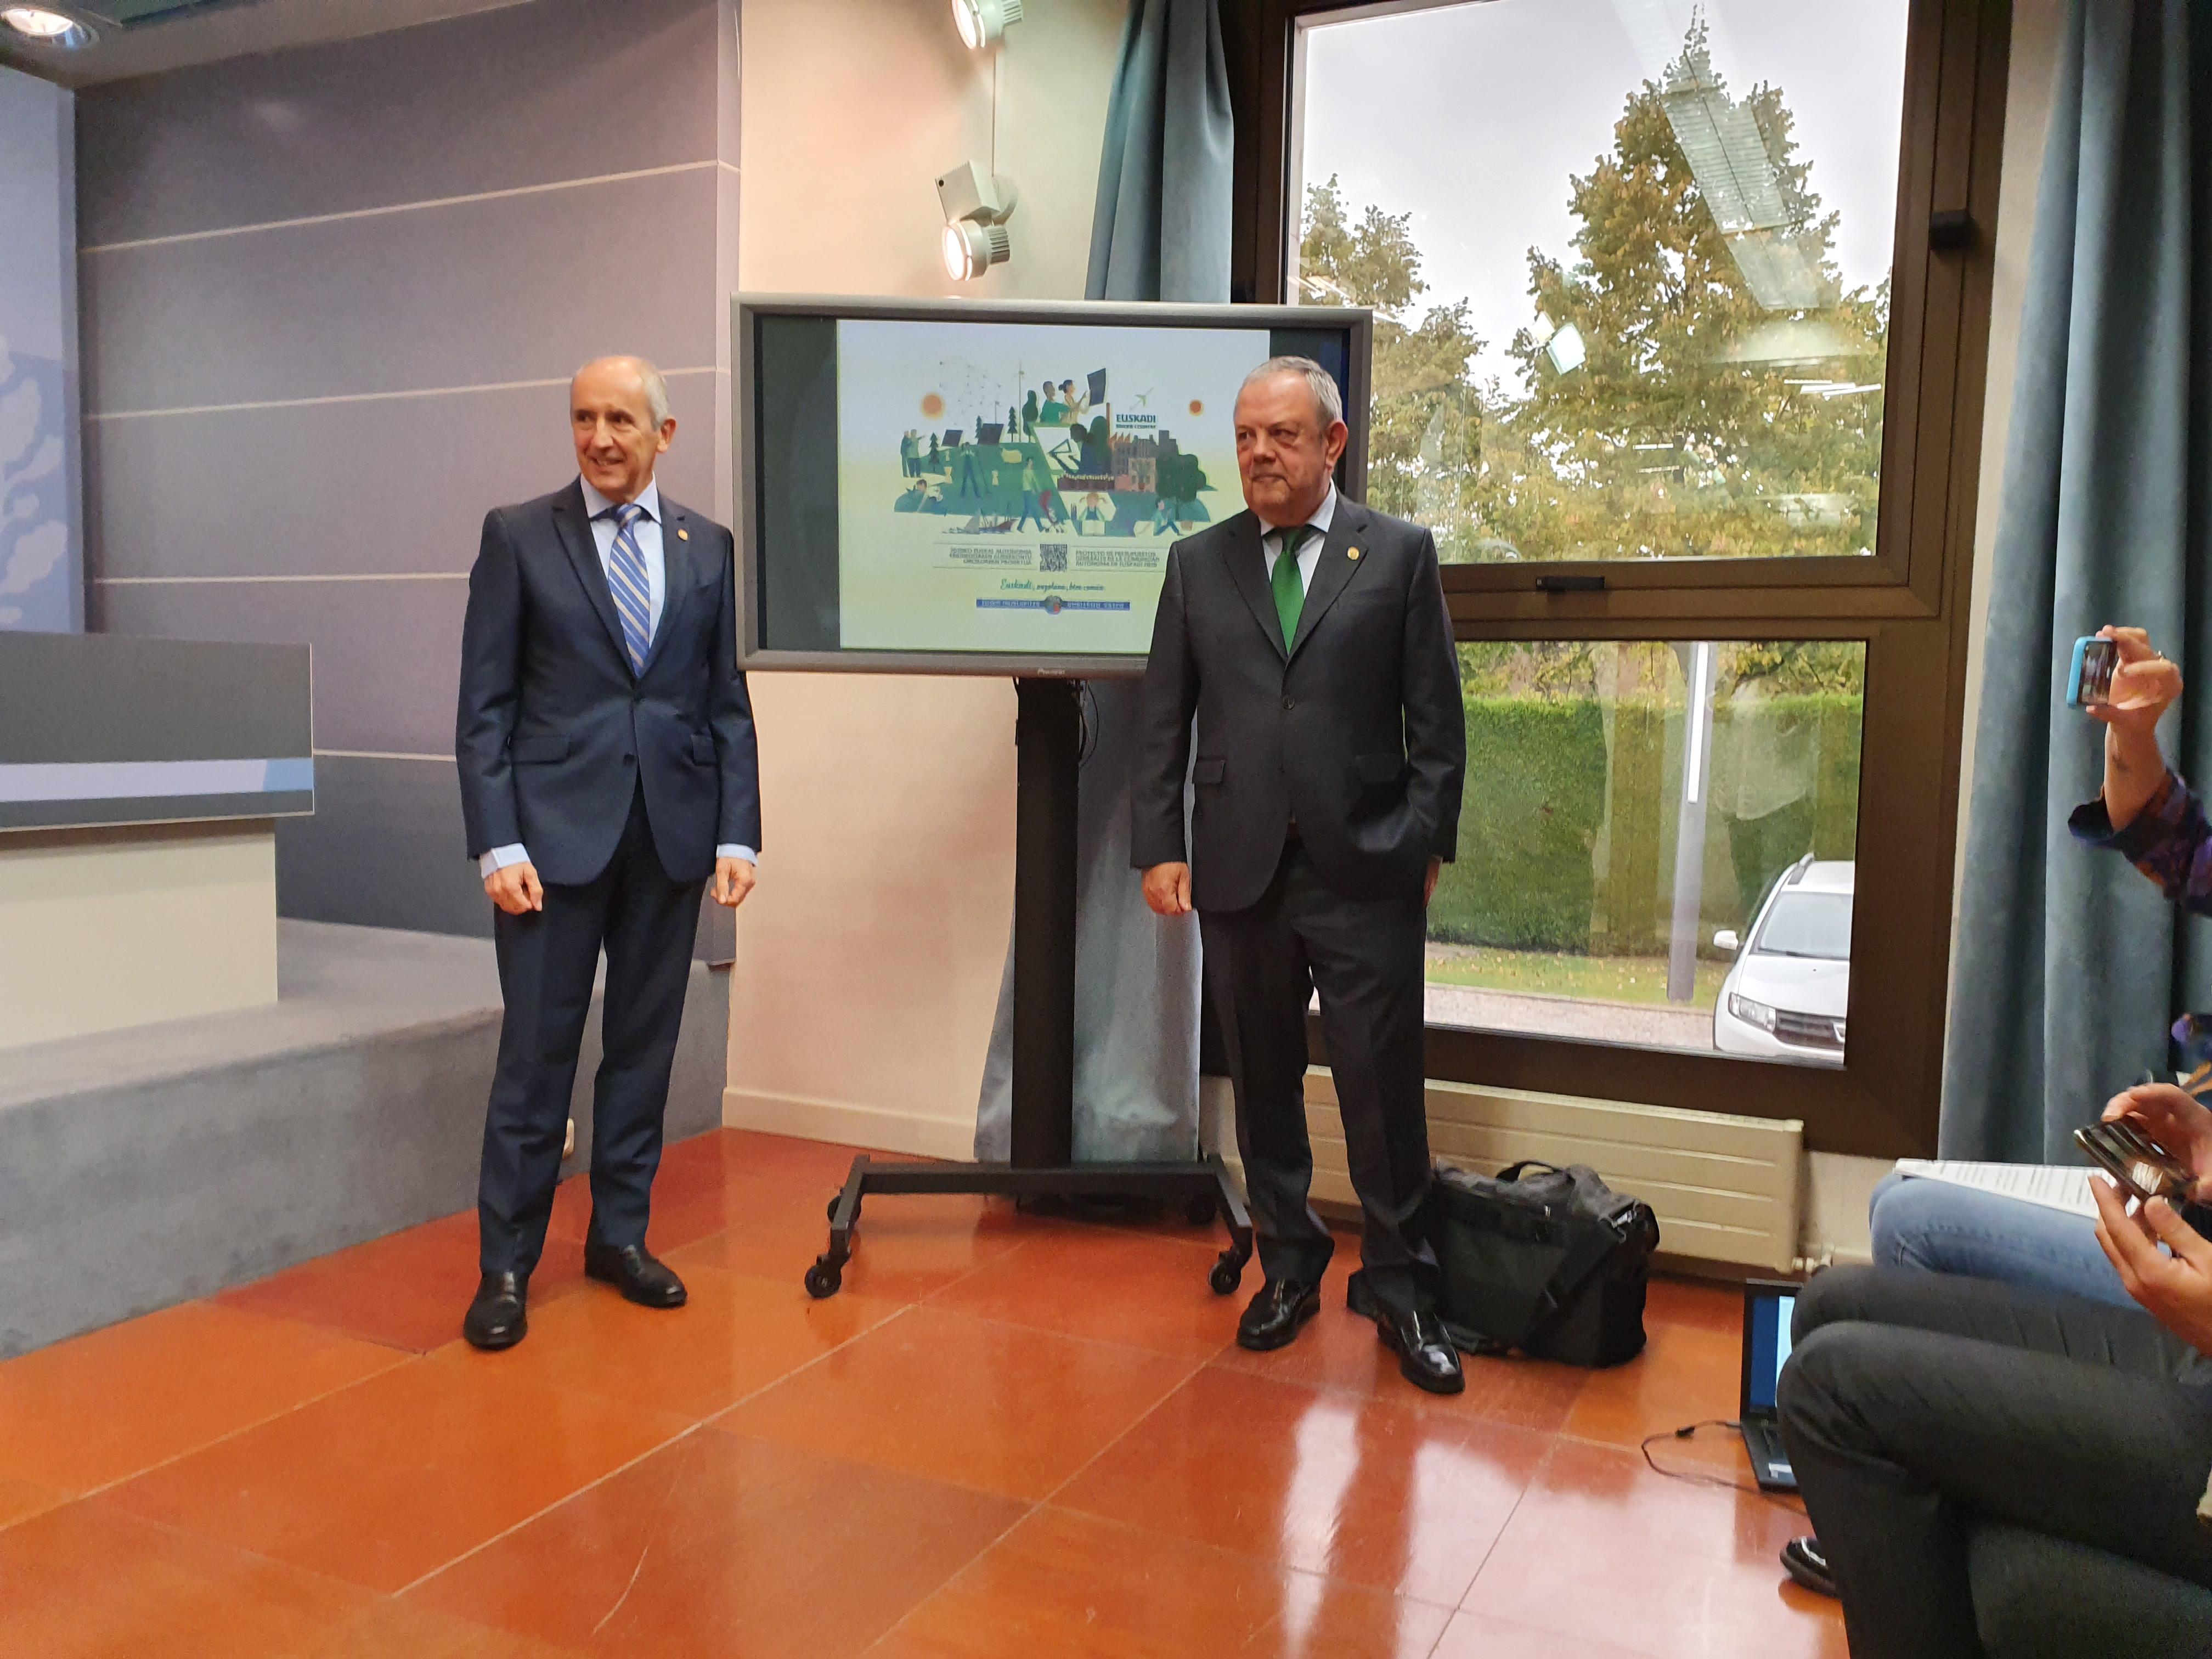 El Gobierno Vasco convoca una nueva reunión de la Comisión de Seguimiento Brexit